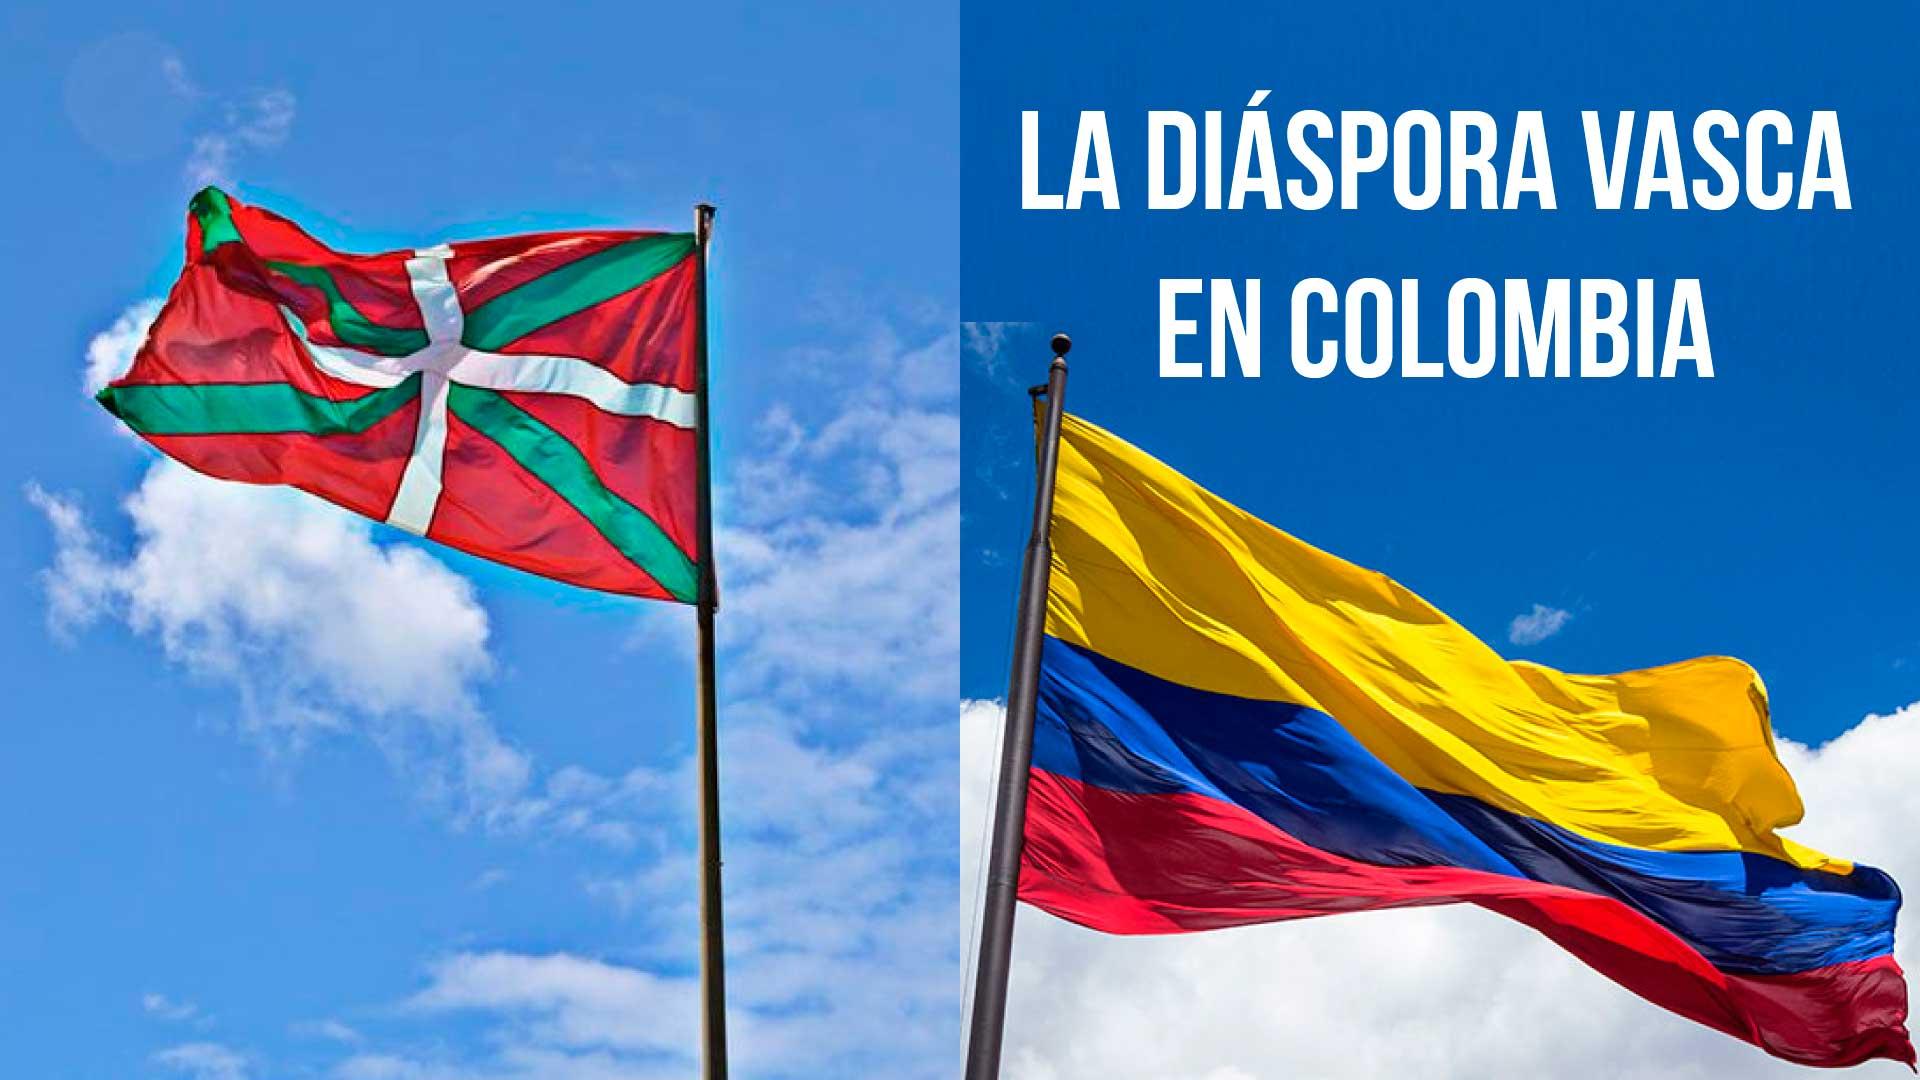 La diáspora vasca en Colombia